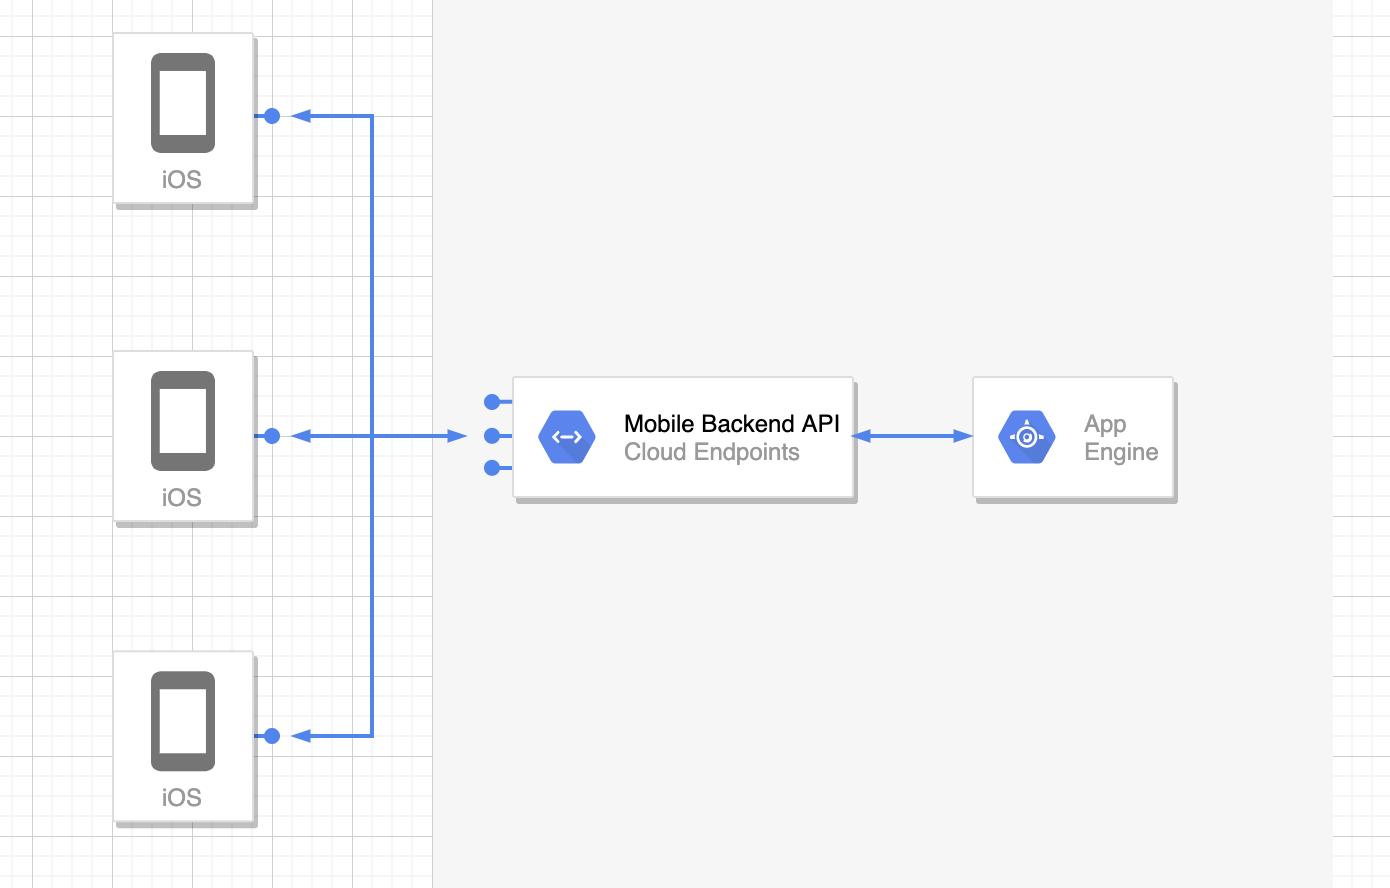 彻底明白如何设计一个良好的 API